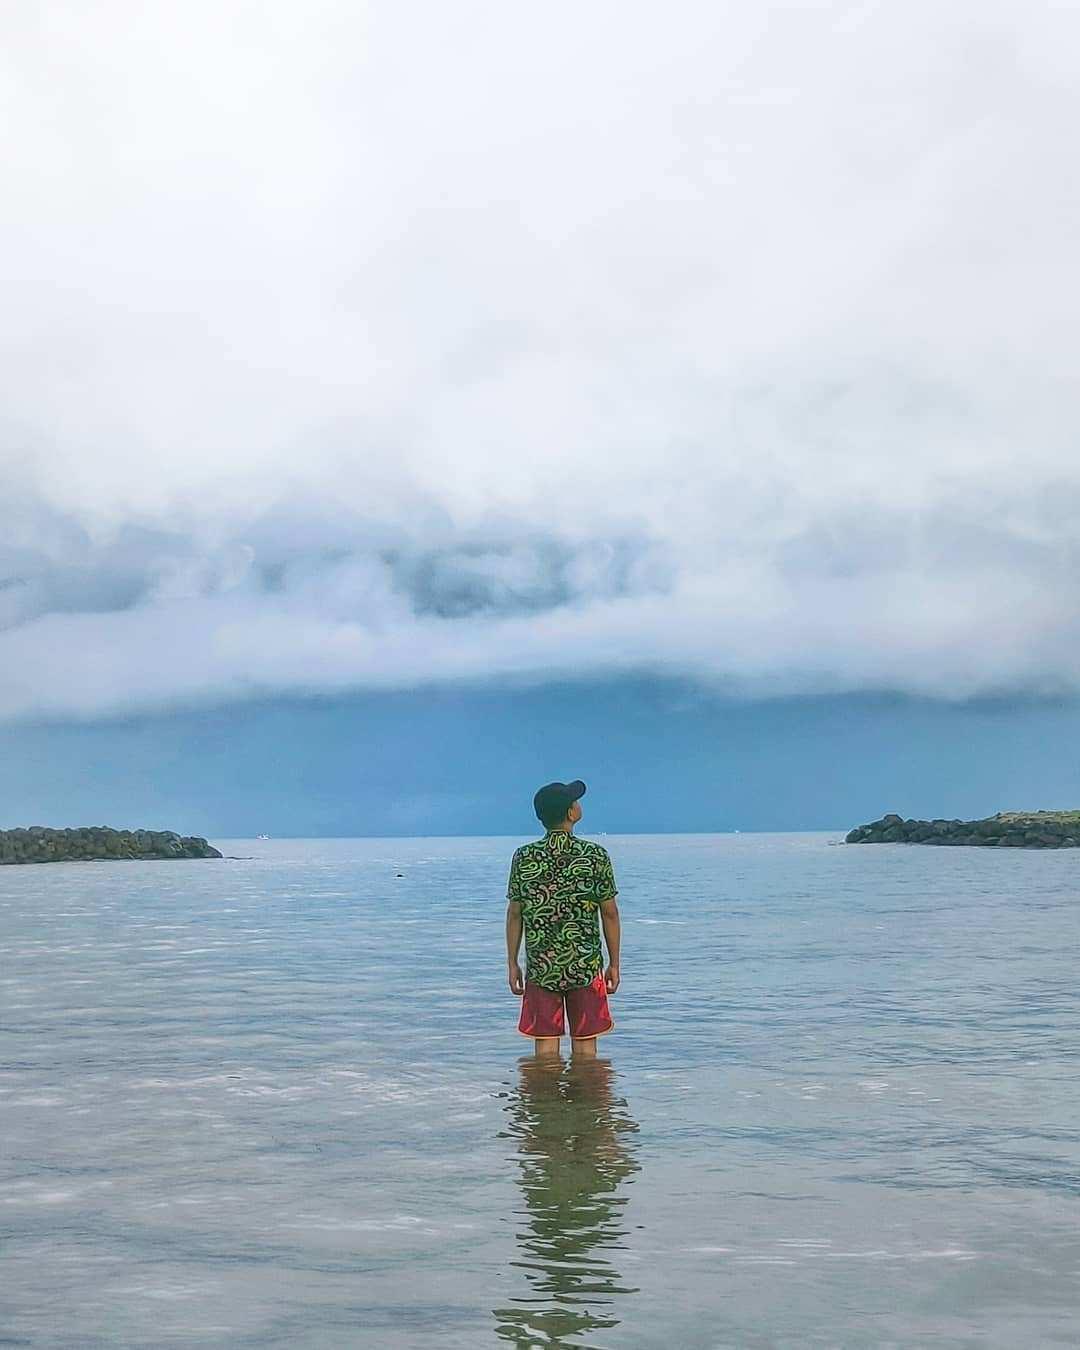 Bermain Air di Pantai Carita Banten Image From @afadzrin